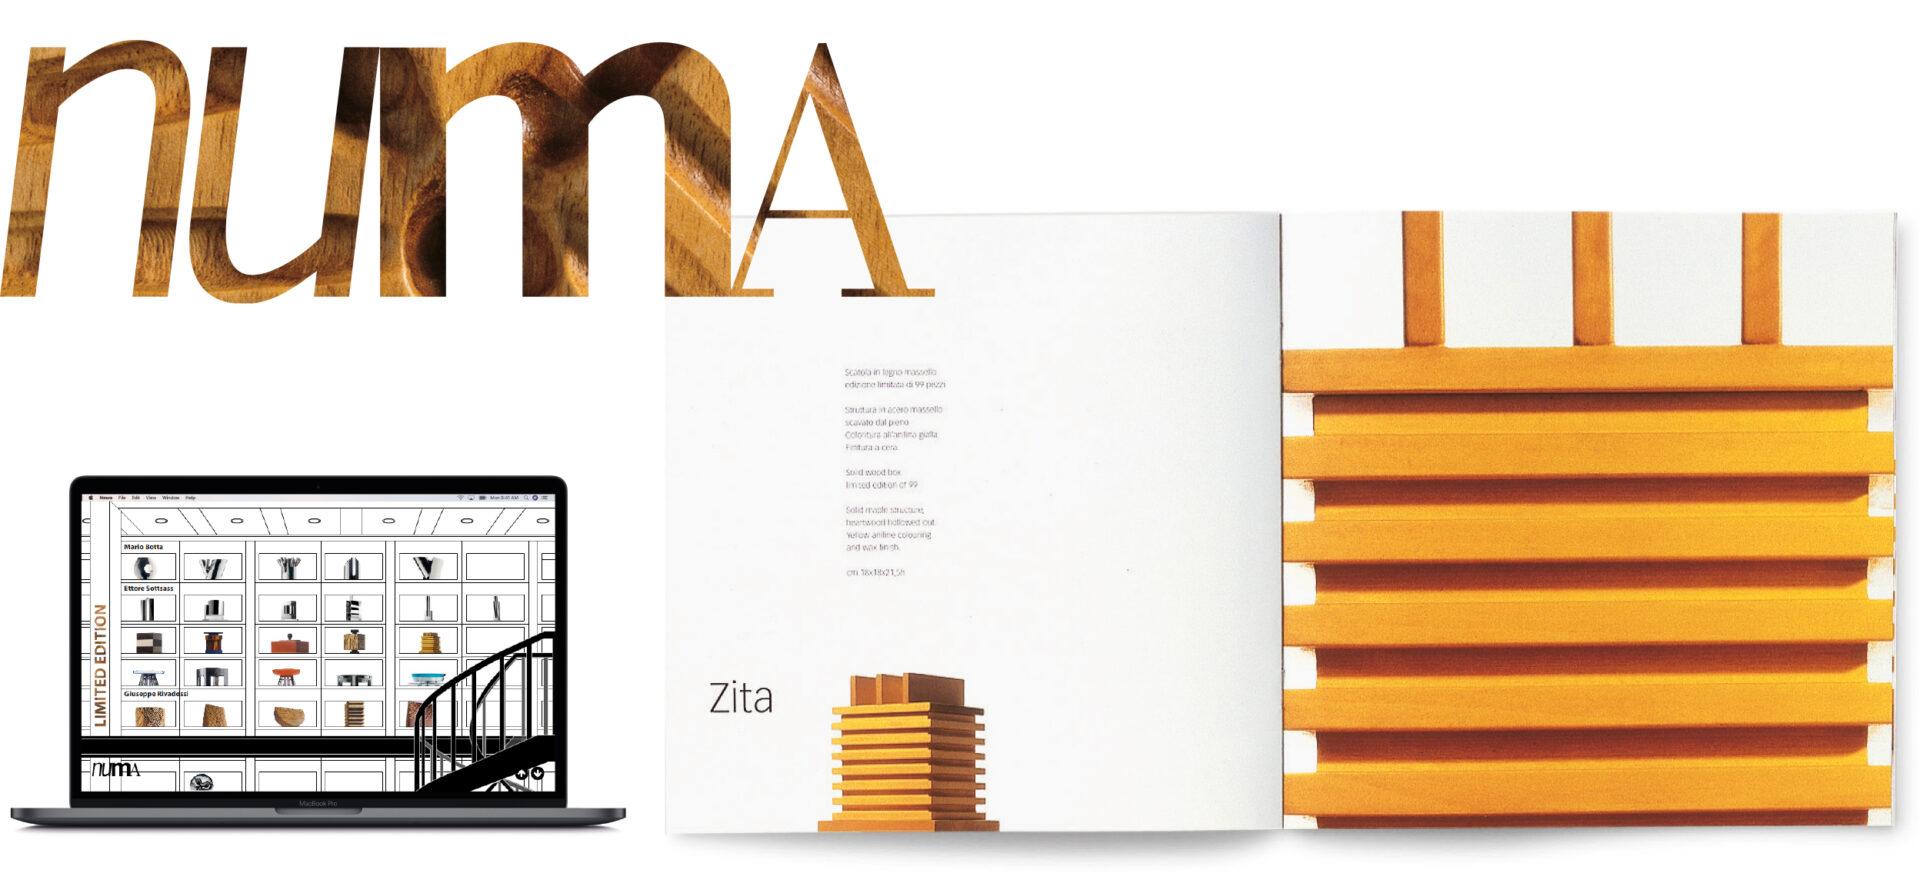 Numa Website   Art Direction   Graphic Design   Serafino Zani   Mario Trimarchi Design   Fragile